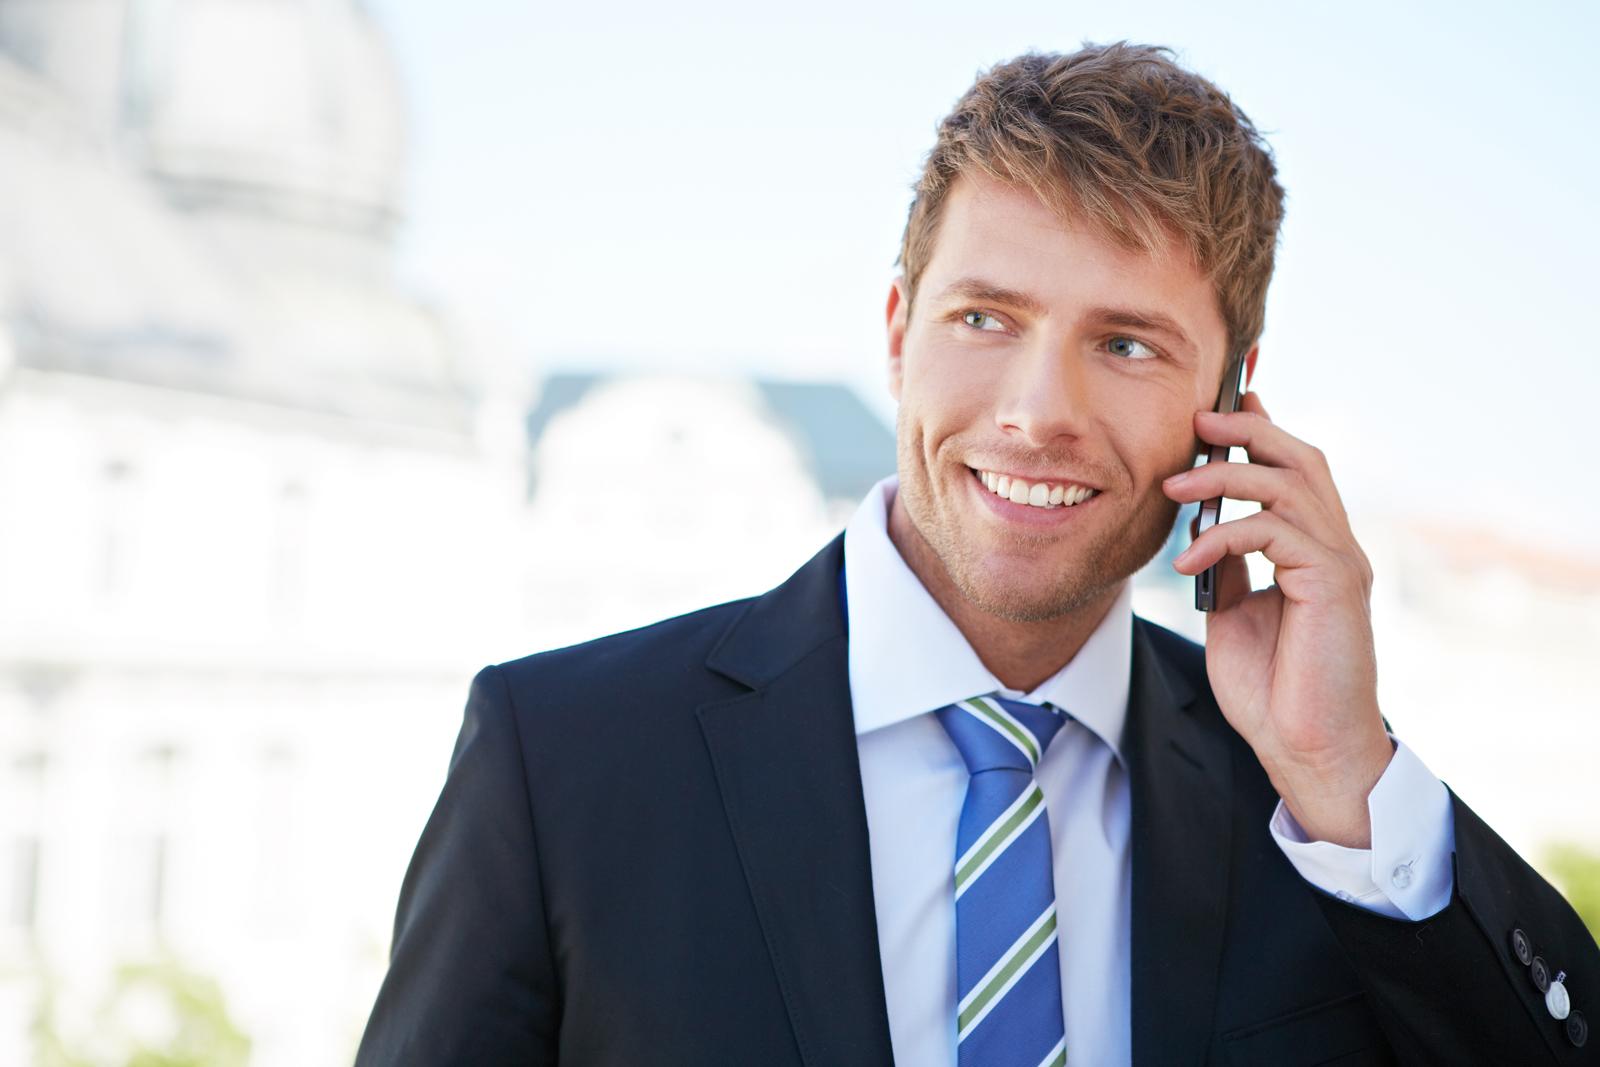 Vrei să devii propriul șef? Iată 15 idei de afaceri ușor de implementat și pe care le poți porni cu bani puțini